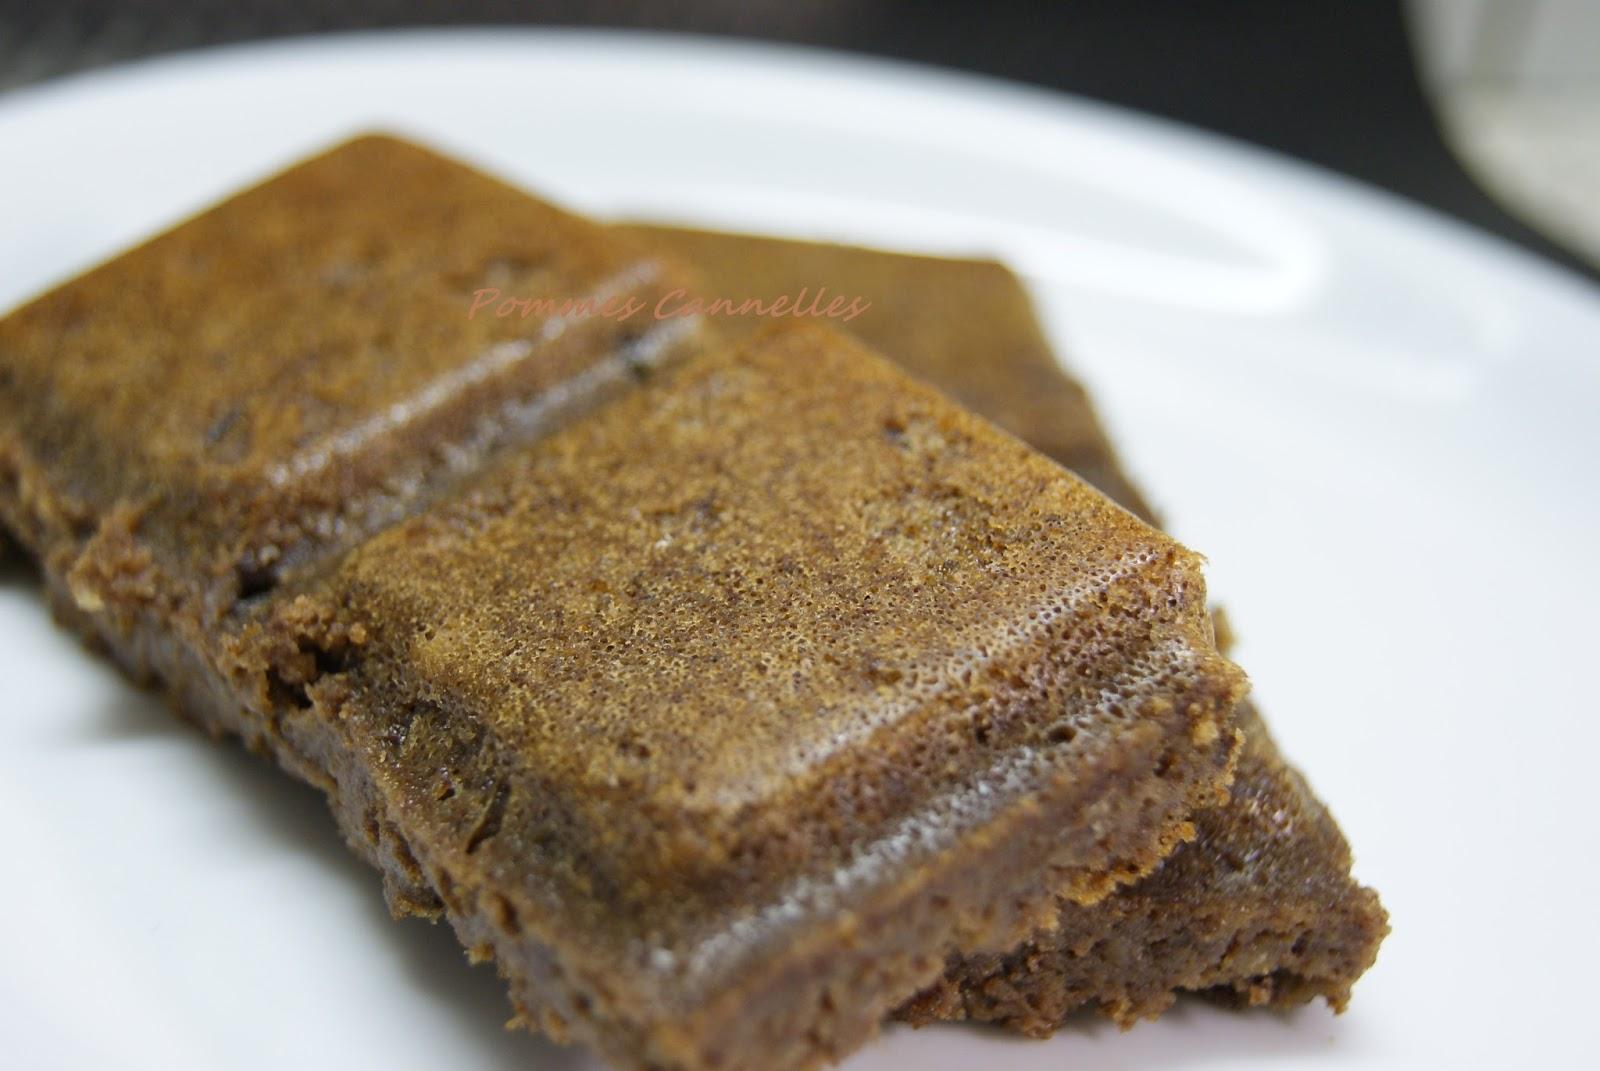 Pommes cannelles g teau au chocolat et haricots blancs - Comment cuisiner un gateau au chocolat ...